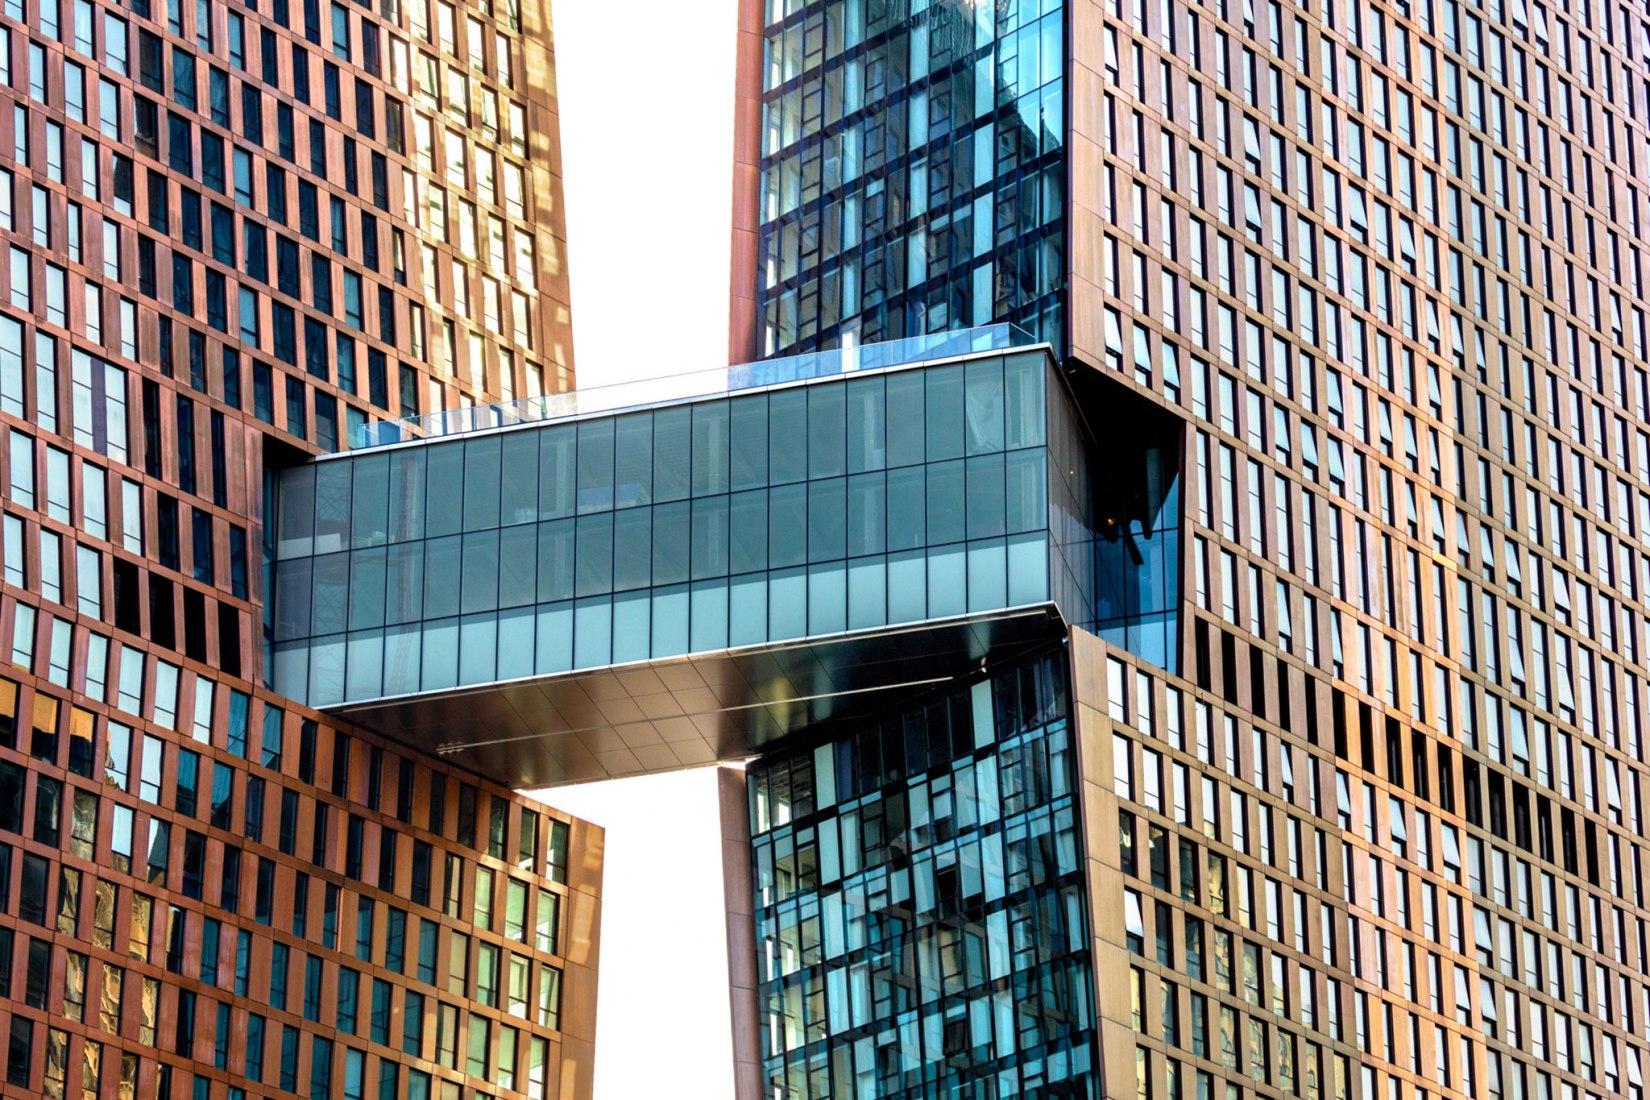 Puente aéreo de los American Copper Buildings. Fotografía © Max Touhey